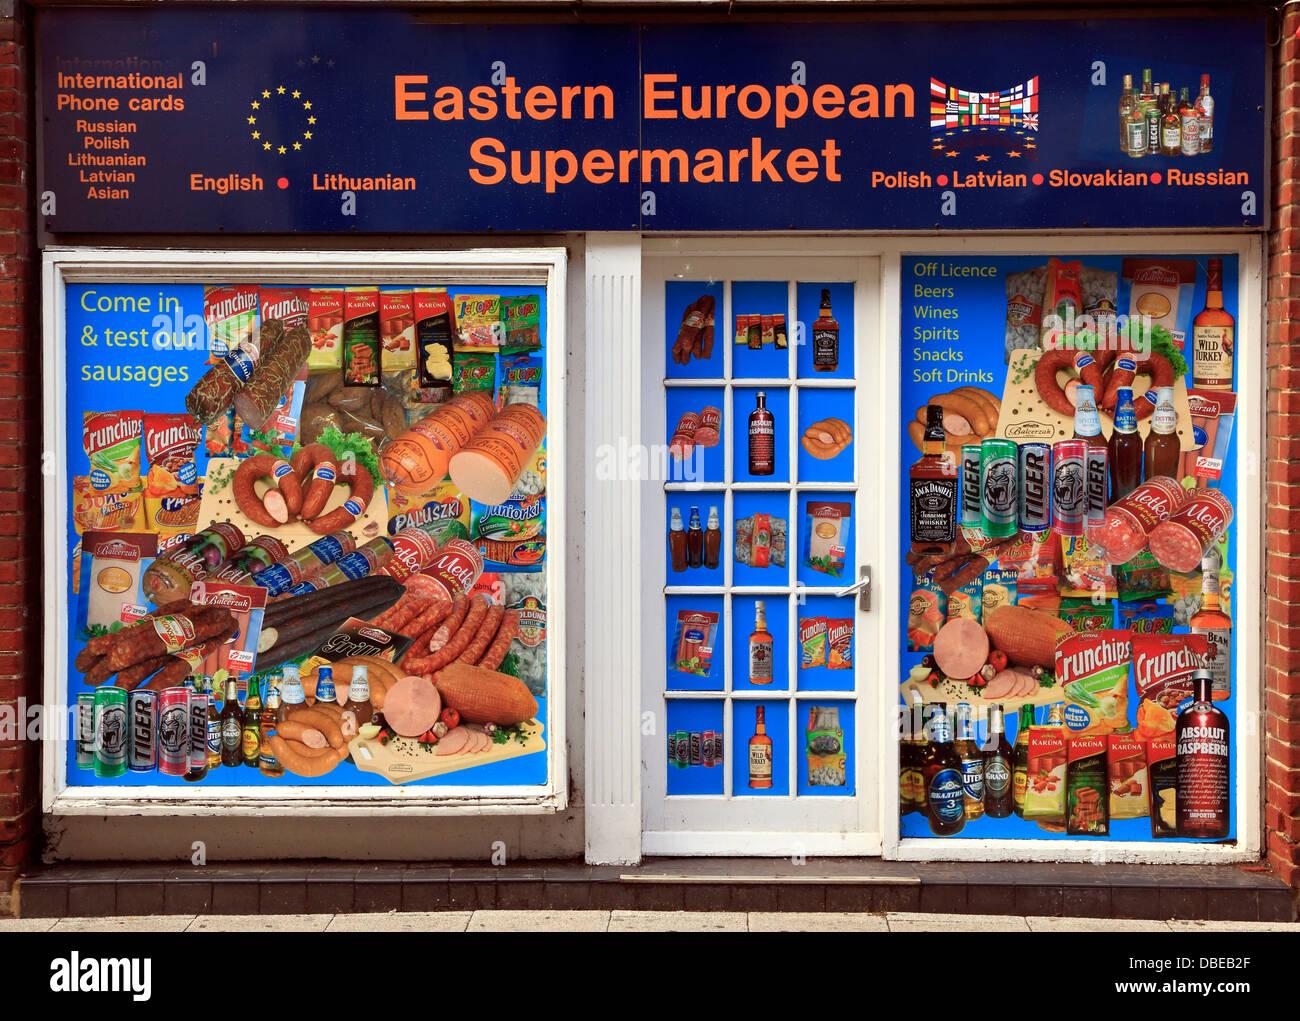 Europeo orientale supermercato, Kings Lynn, Norfolk, Inghilterra UK, per servire Est europeo in materia di immigrazione Immagini Stock